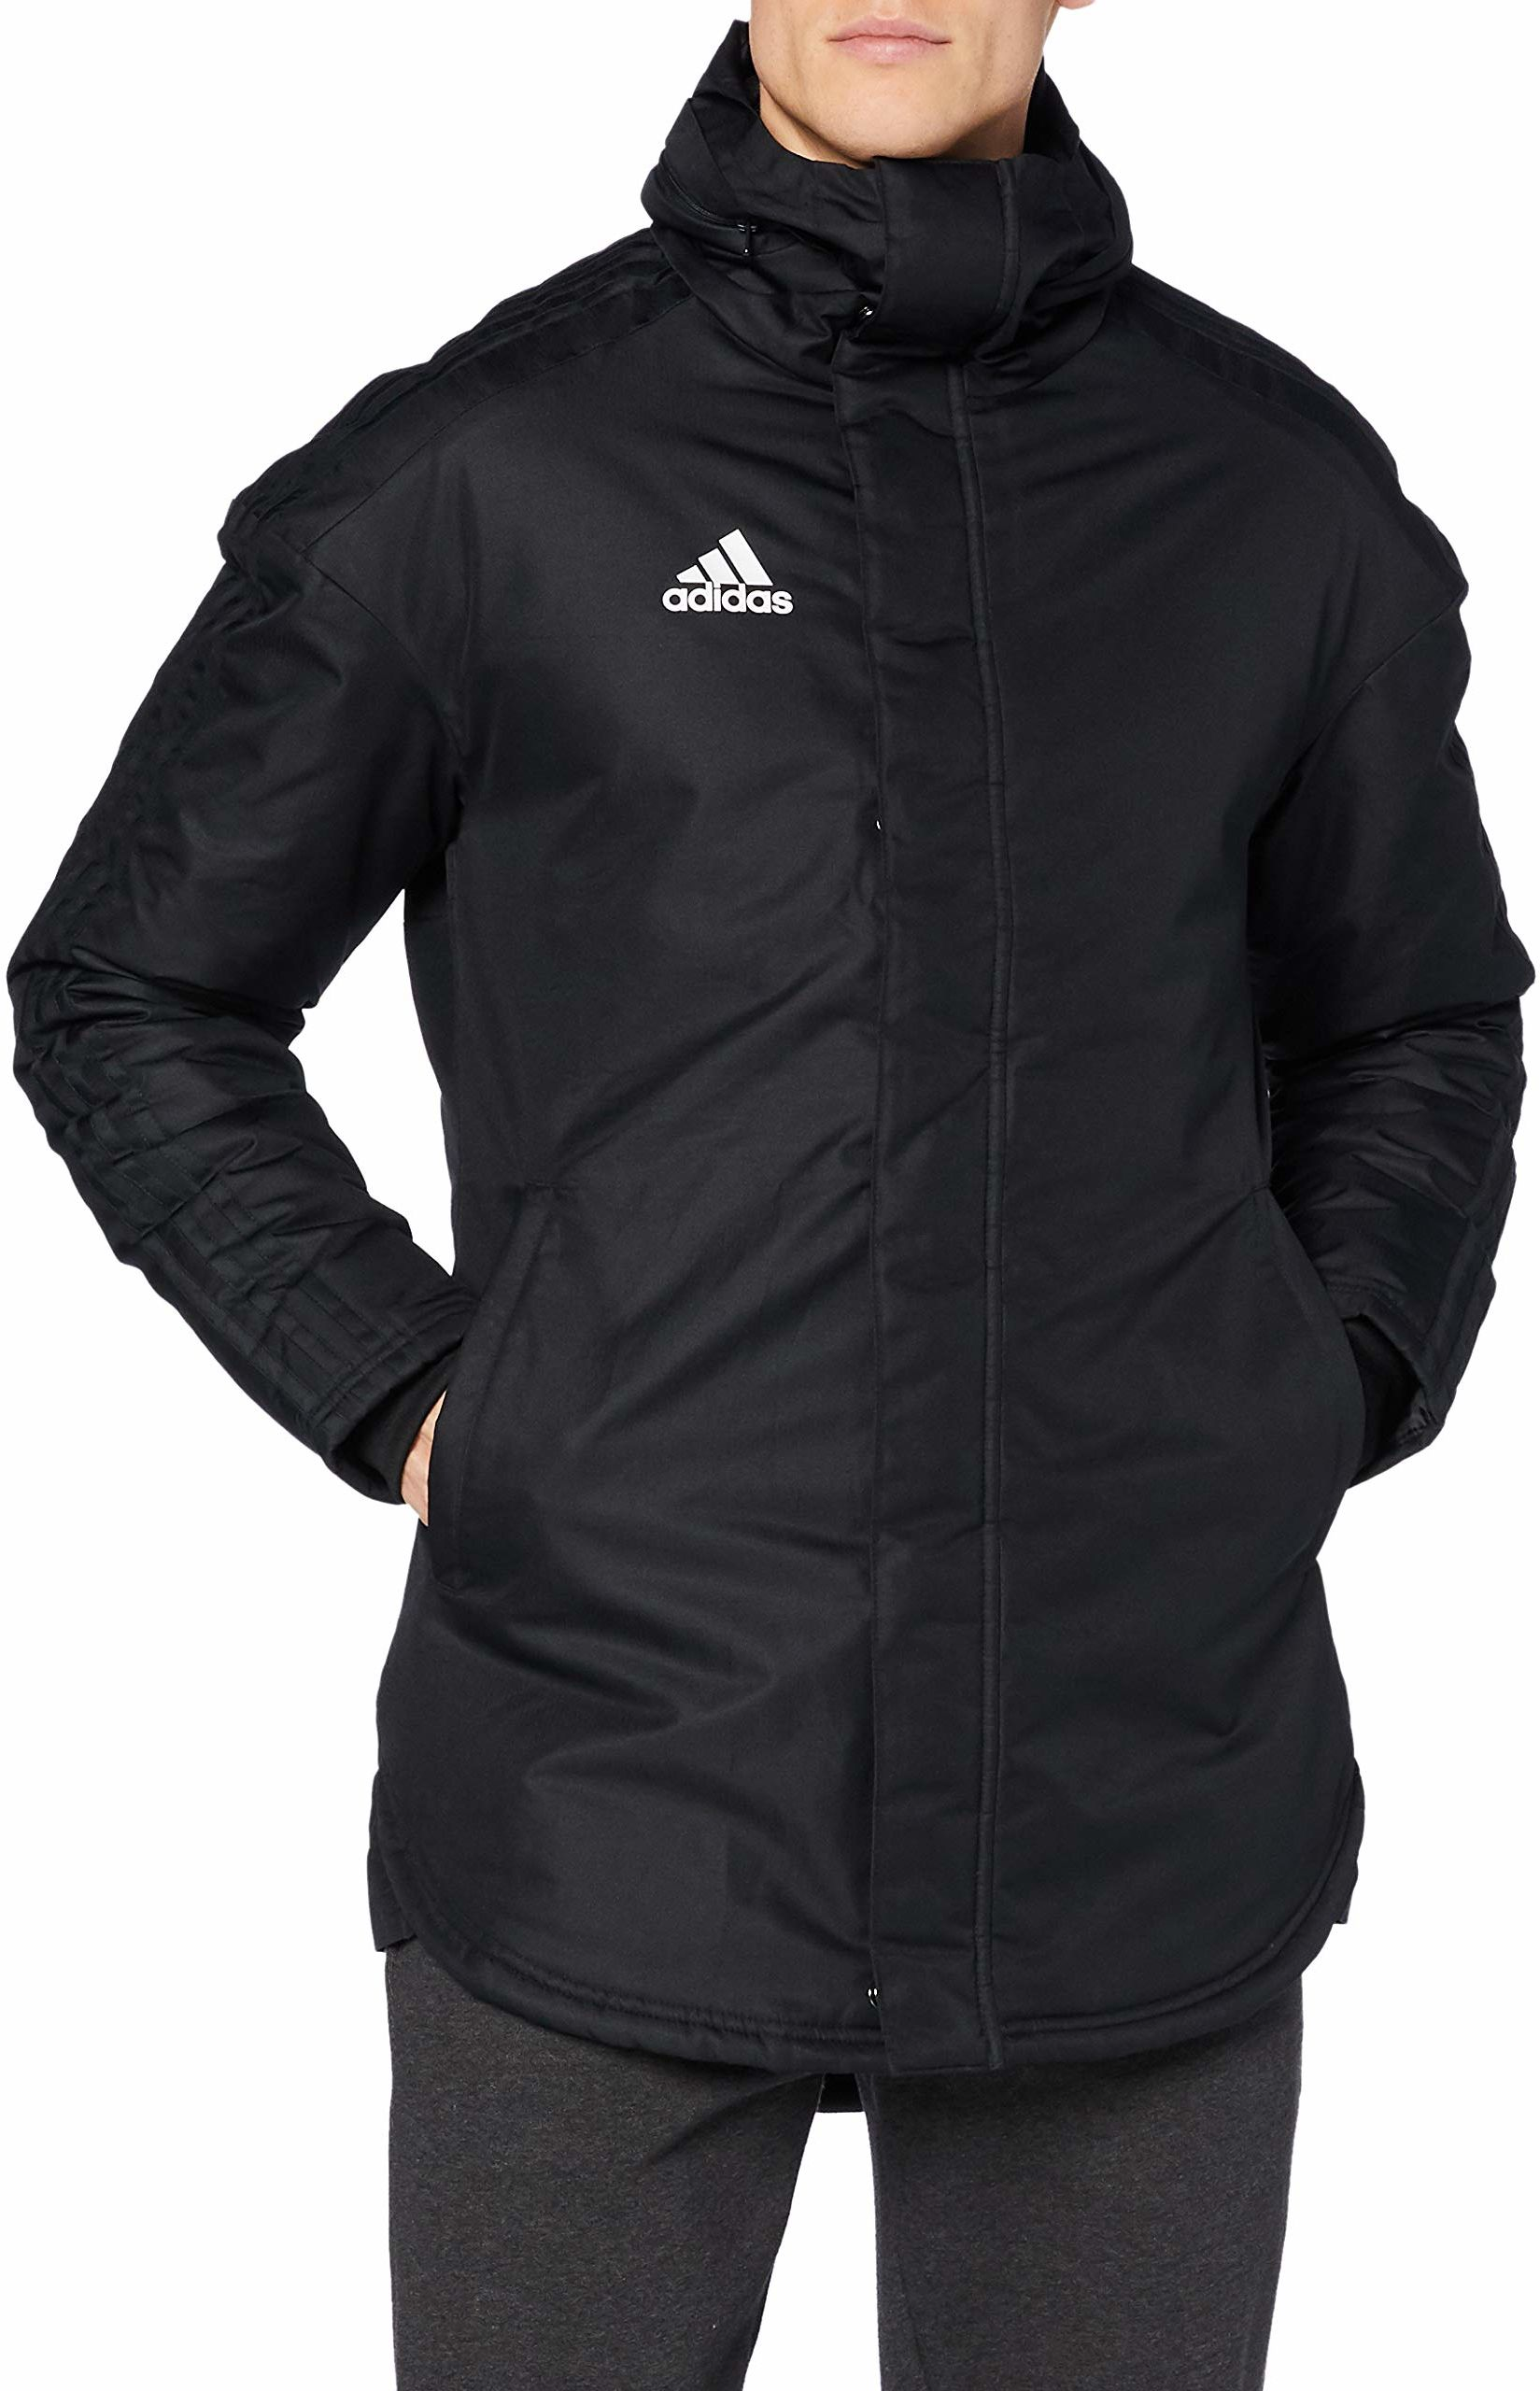 adidas Męska kurtka sportowa Jkt18 Std Parka czarny czarny/biały XS